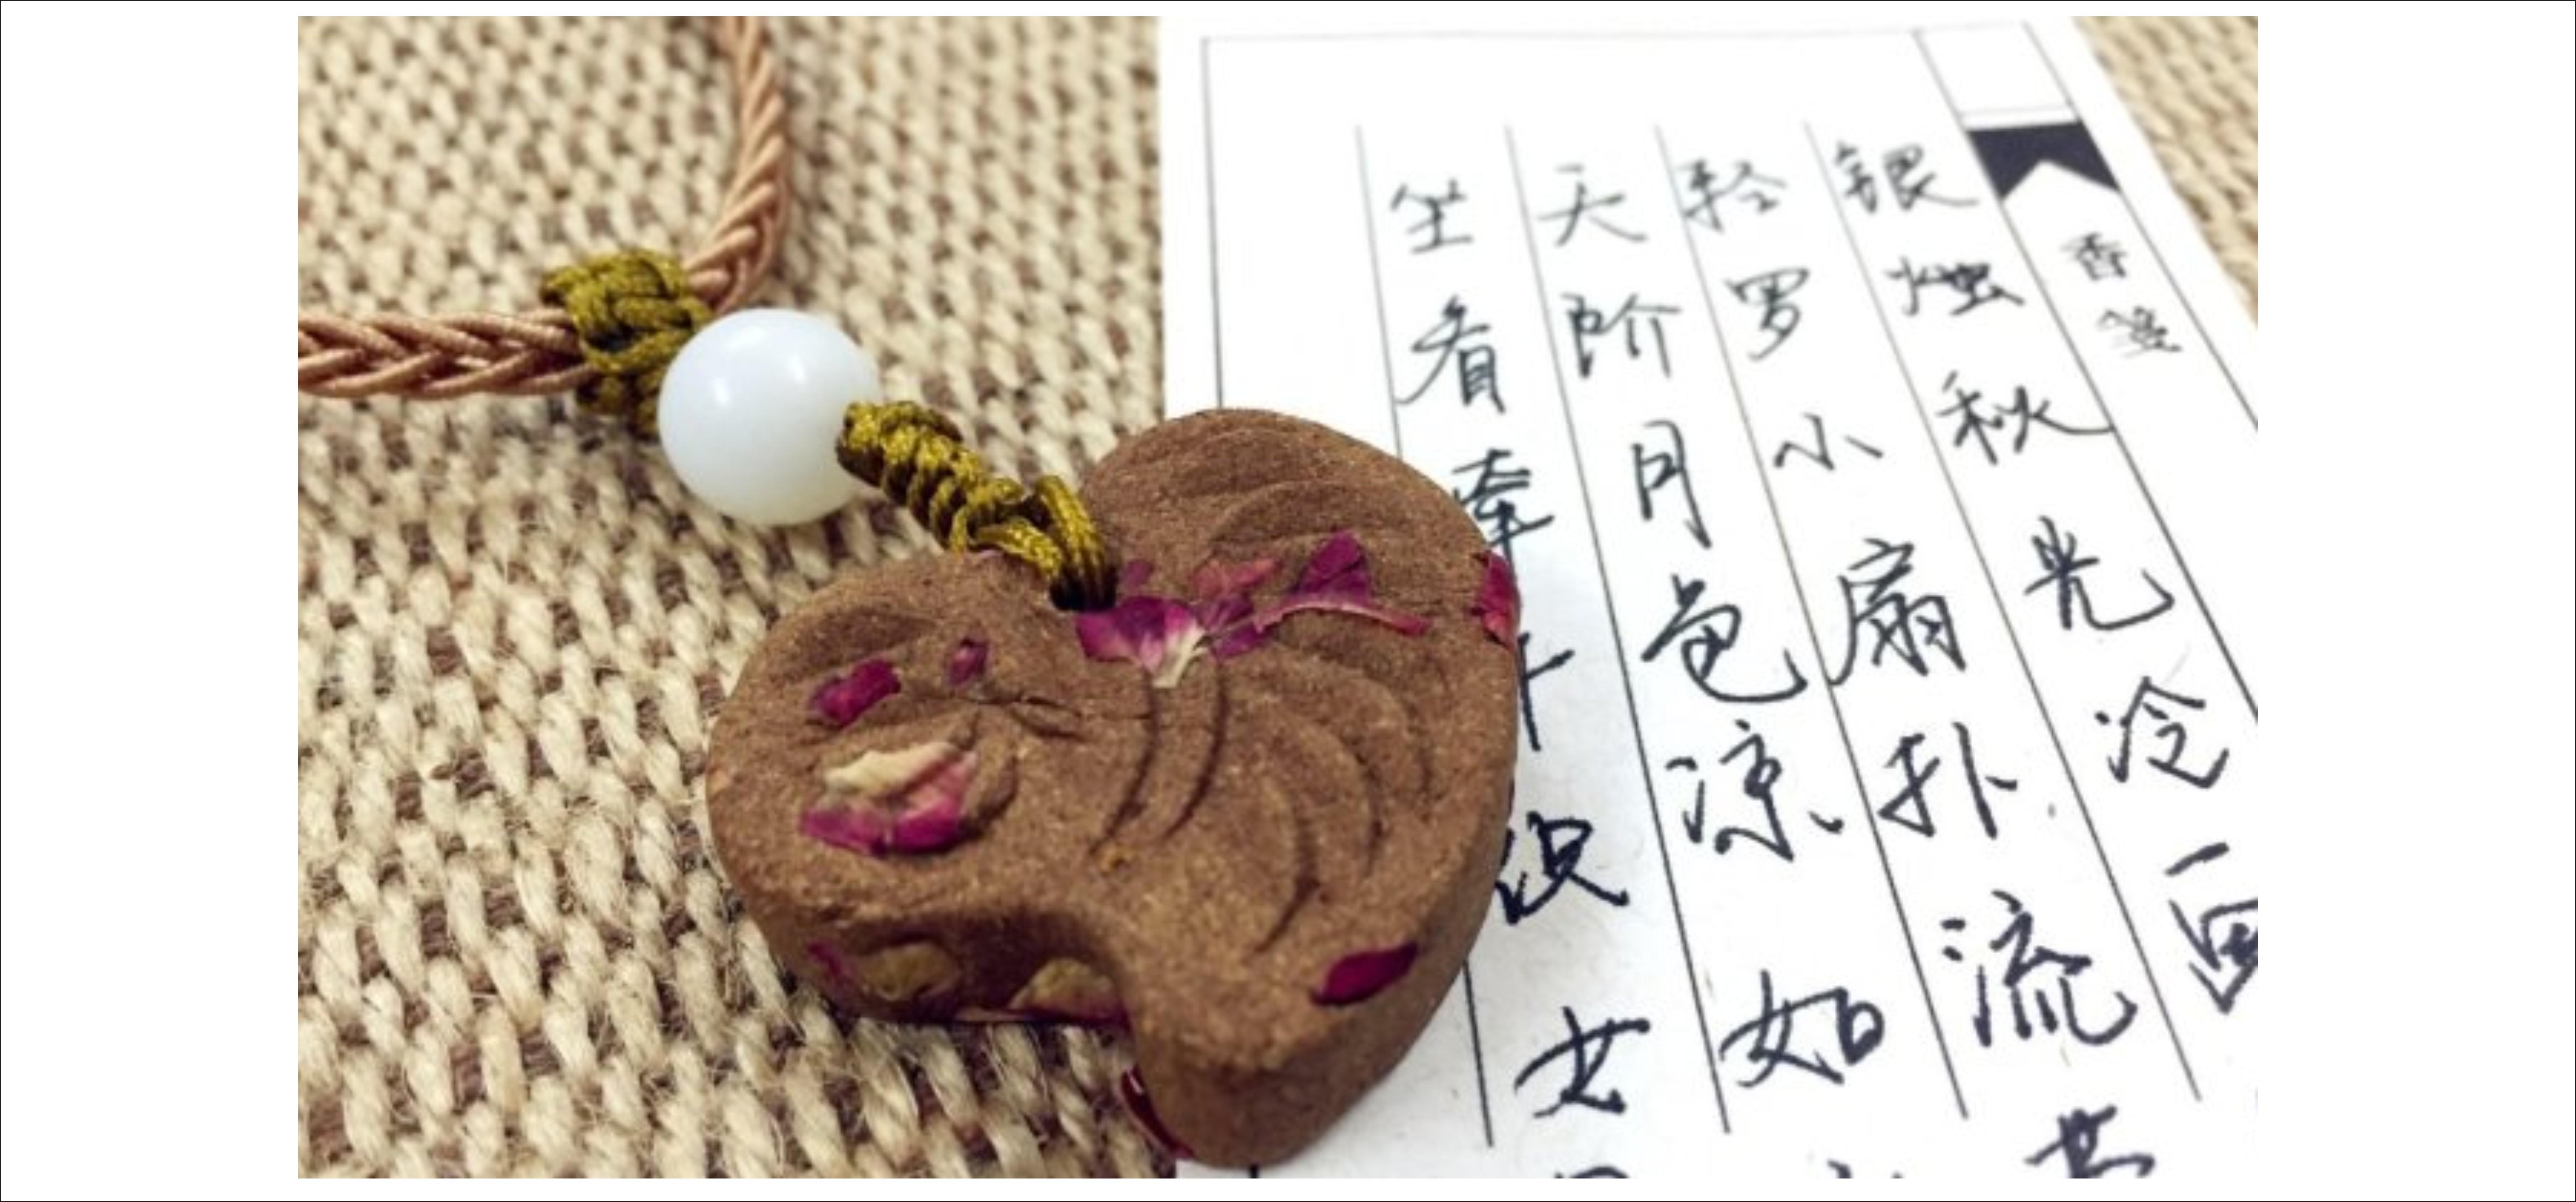 散花雅事丨 一块香牌迎端午 生活超越物象的温暖